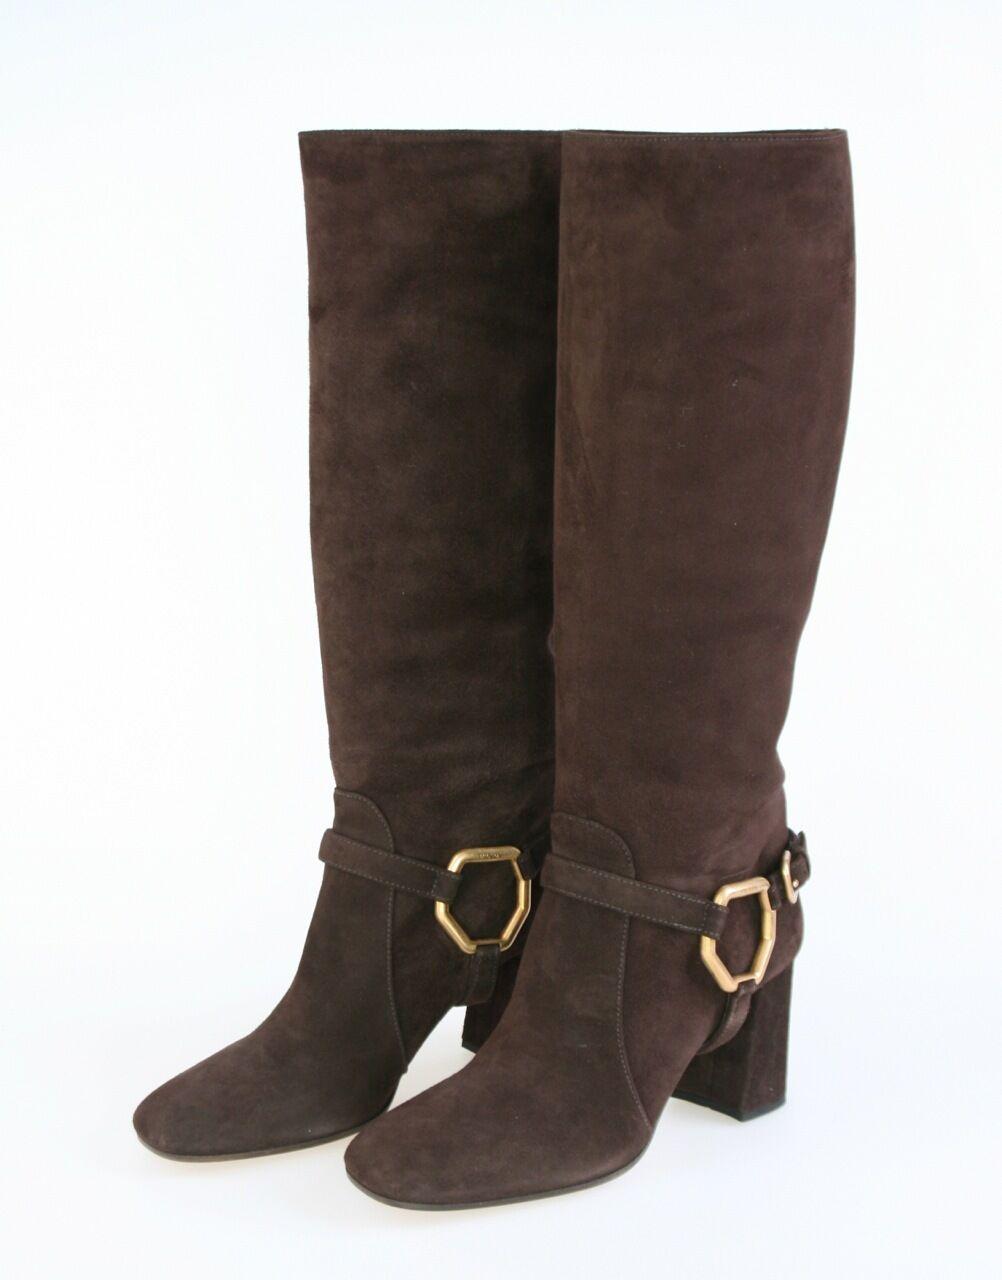 Lujo prada serraje botas 1w415d marrón nuevo PVP 1.050,- euro 38,5 39